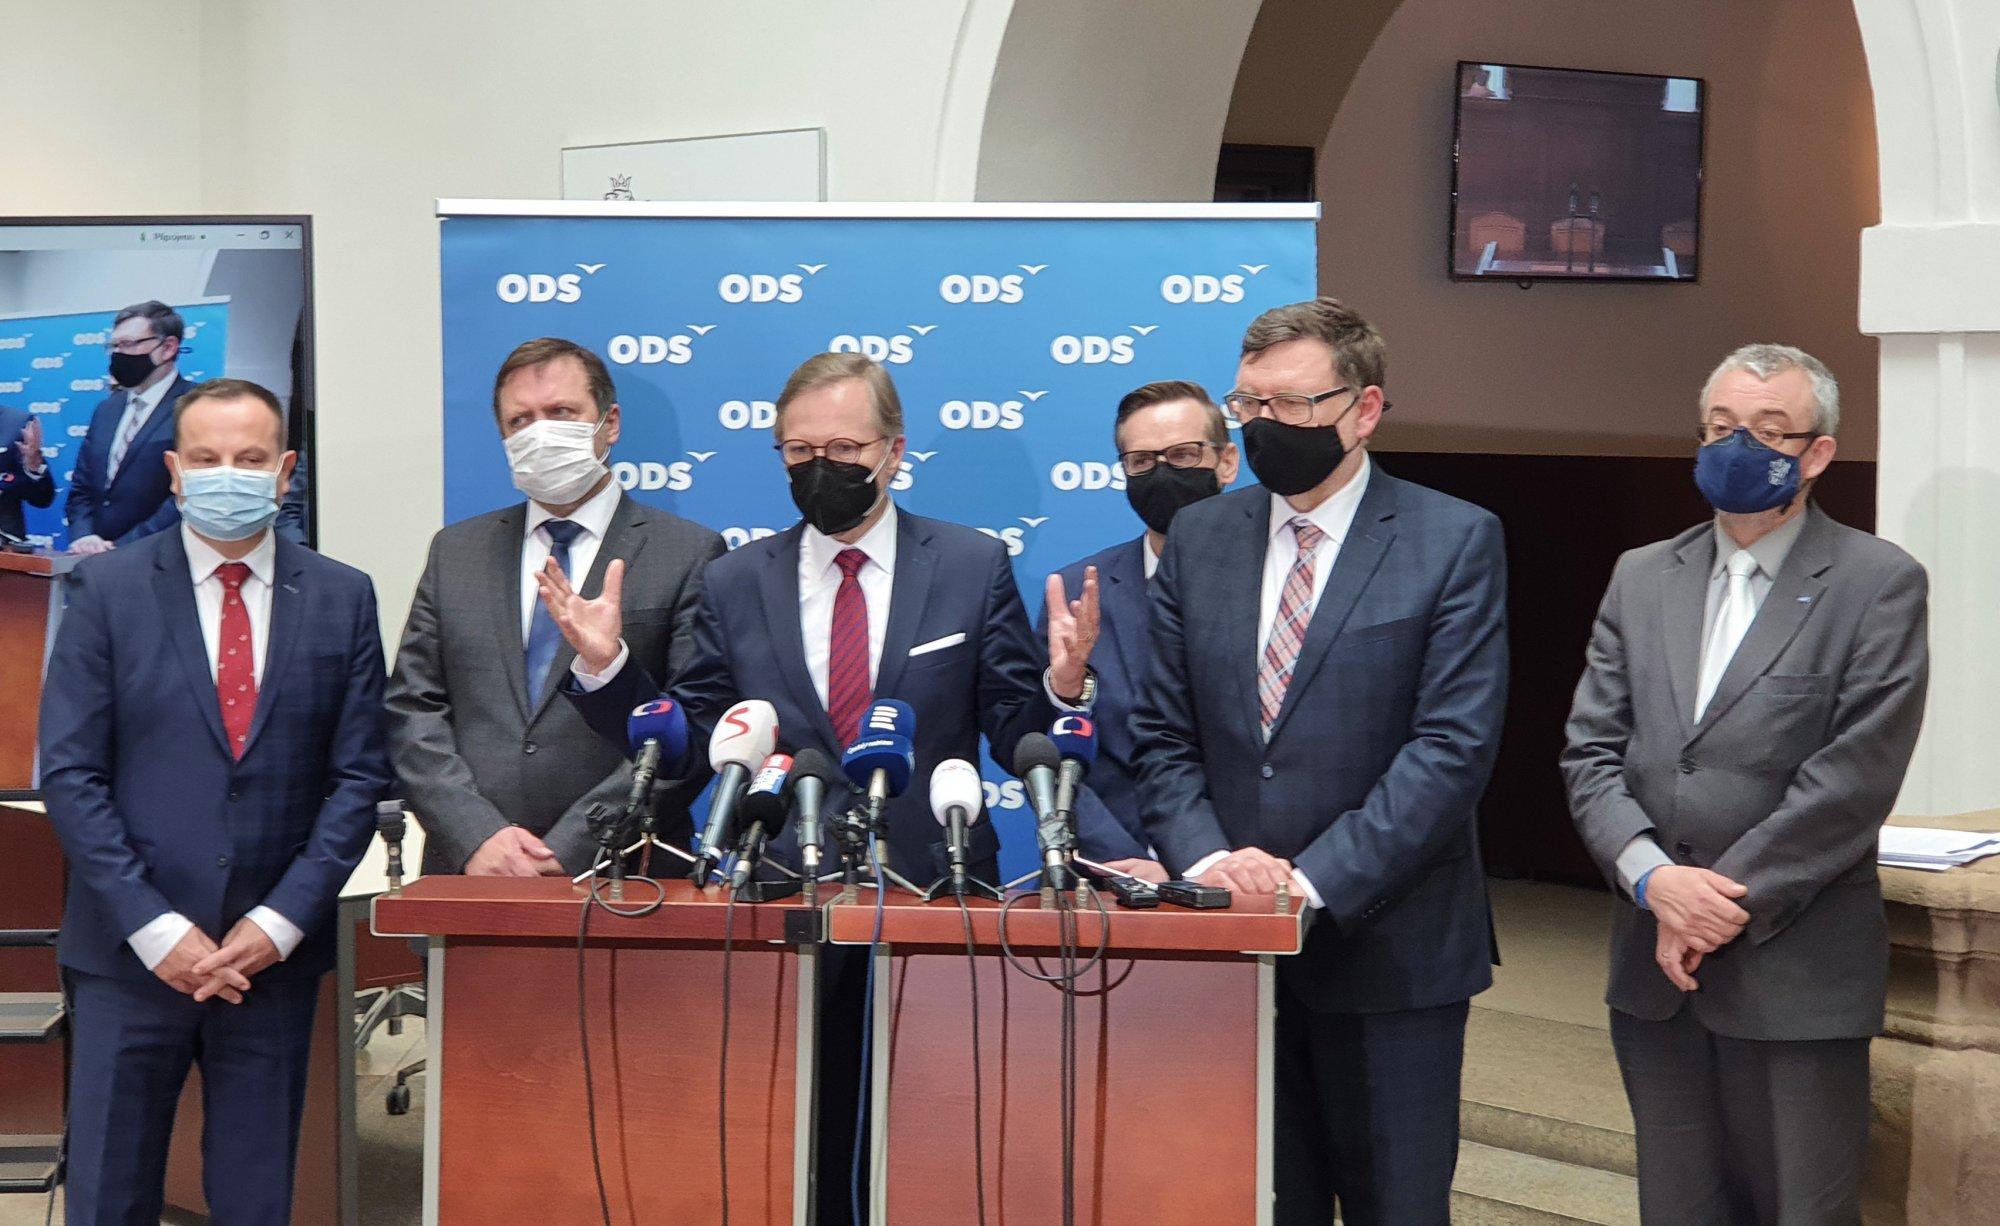 ODS: Podařilo se nám zachránit pacientské organizace